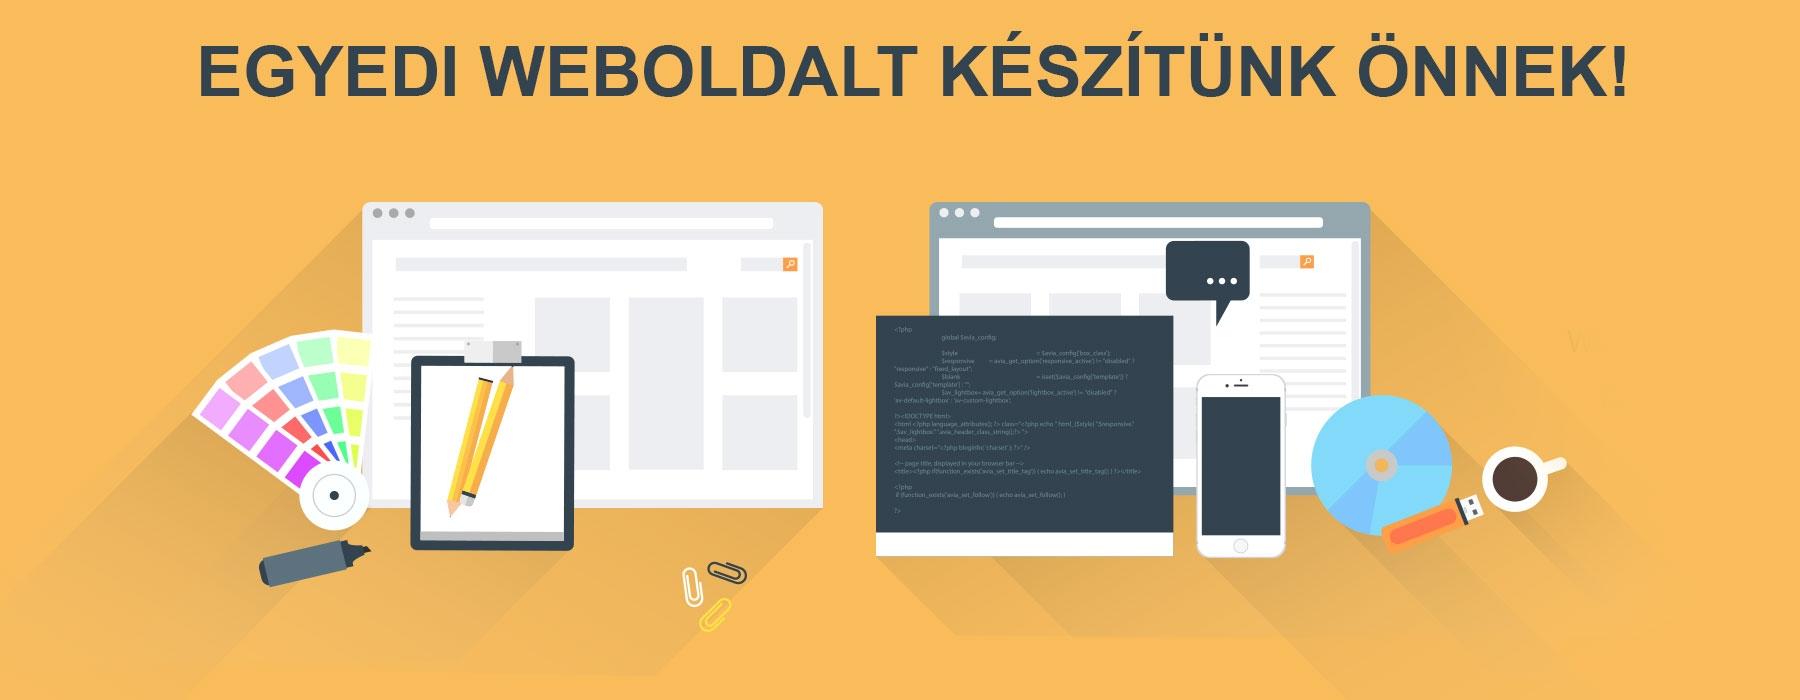 Brief Mit Jelent : Weboldal készítés honlap egyedi